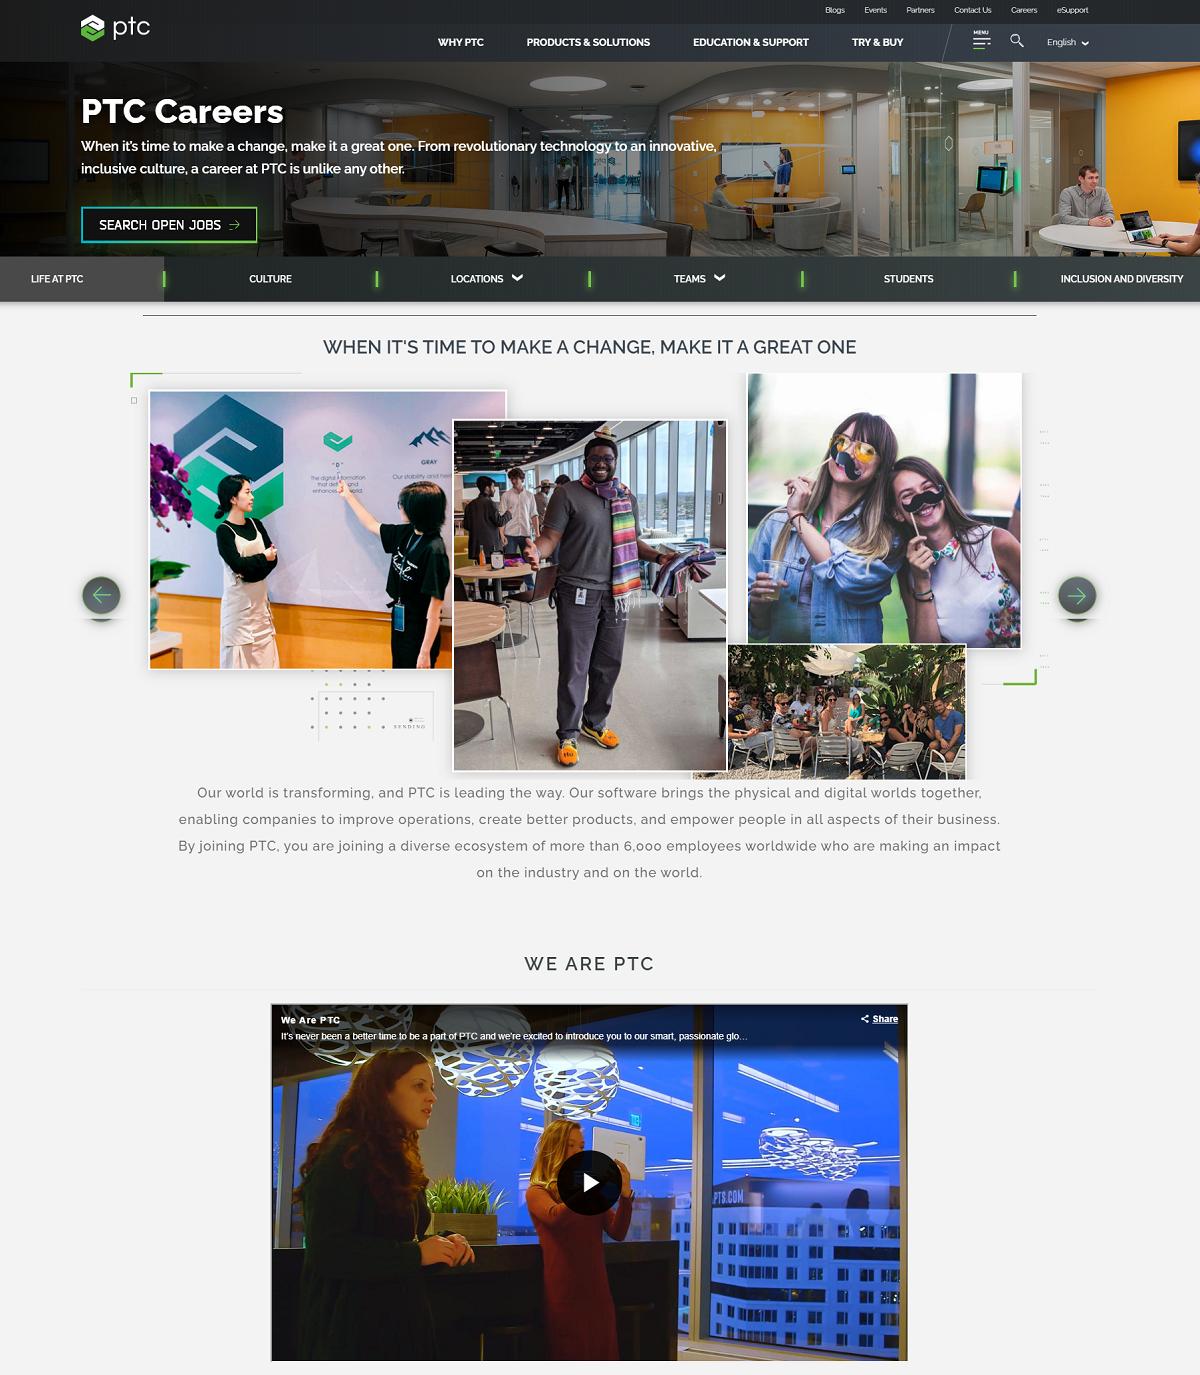 PTC career page